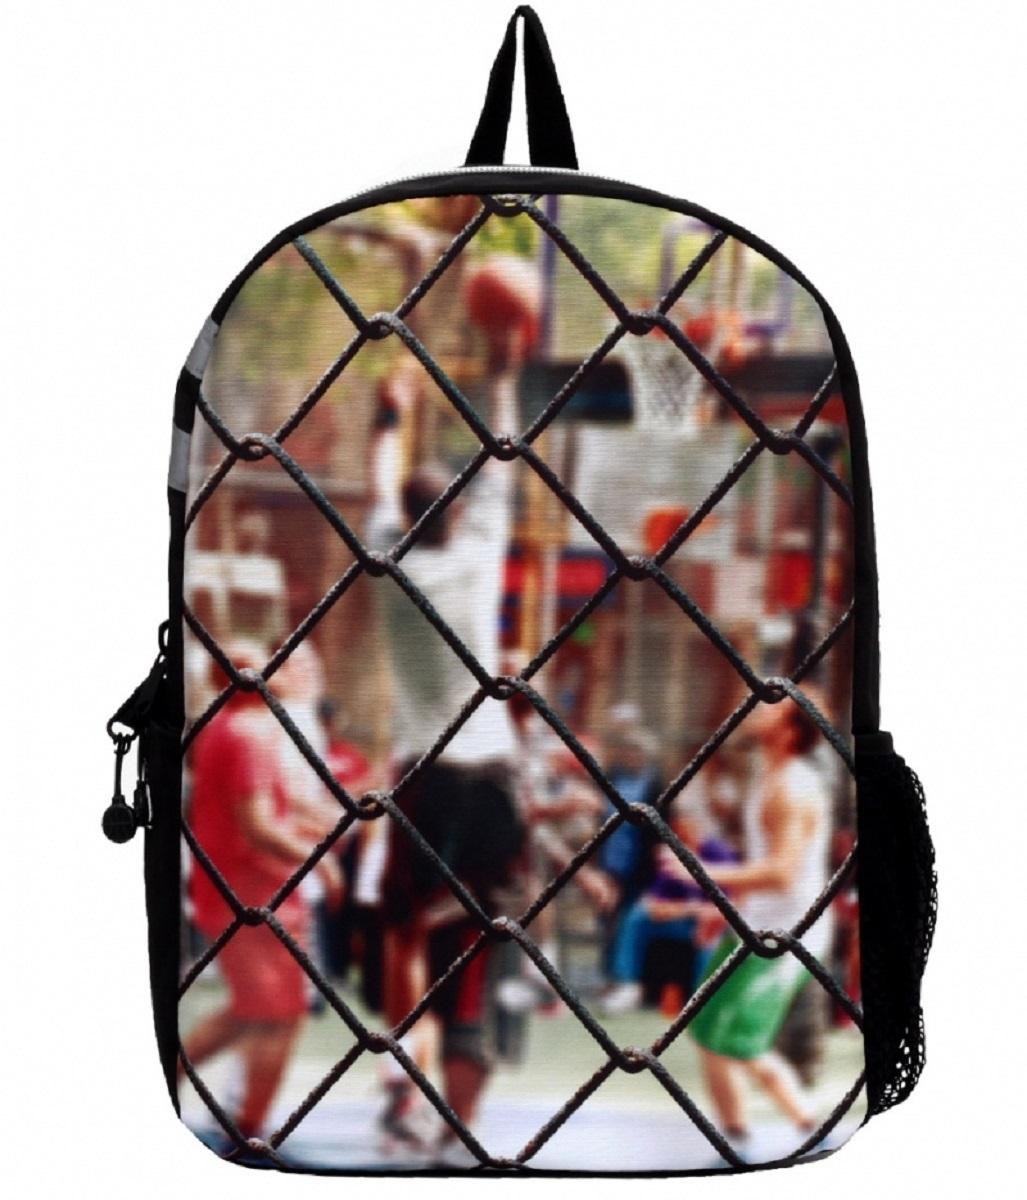 Рюкзак молодежный Mojo Sport Сетка, 20 лKAA9984571Этот стильный рюкзак от Mojo Sport Сетка прекрасно сочетает в себе черты спорта и динамичного городского стиля. Расцветка и внешний вид рюкзака в виде сетки ворот и игроков за этой сеткой смотрится очень броско, стильно и оригинально.